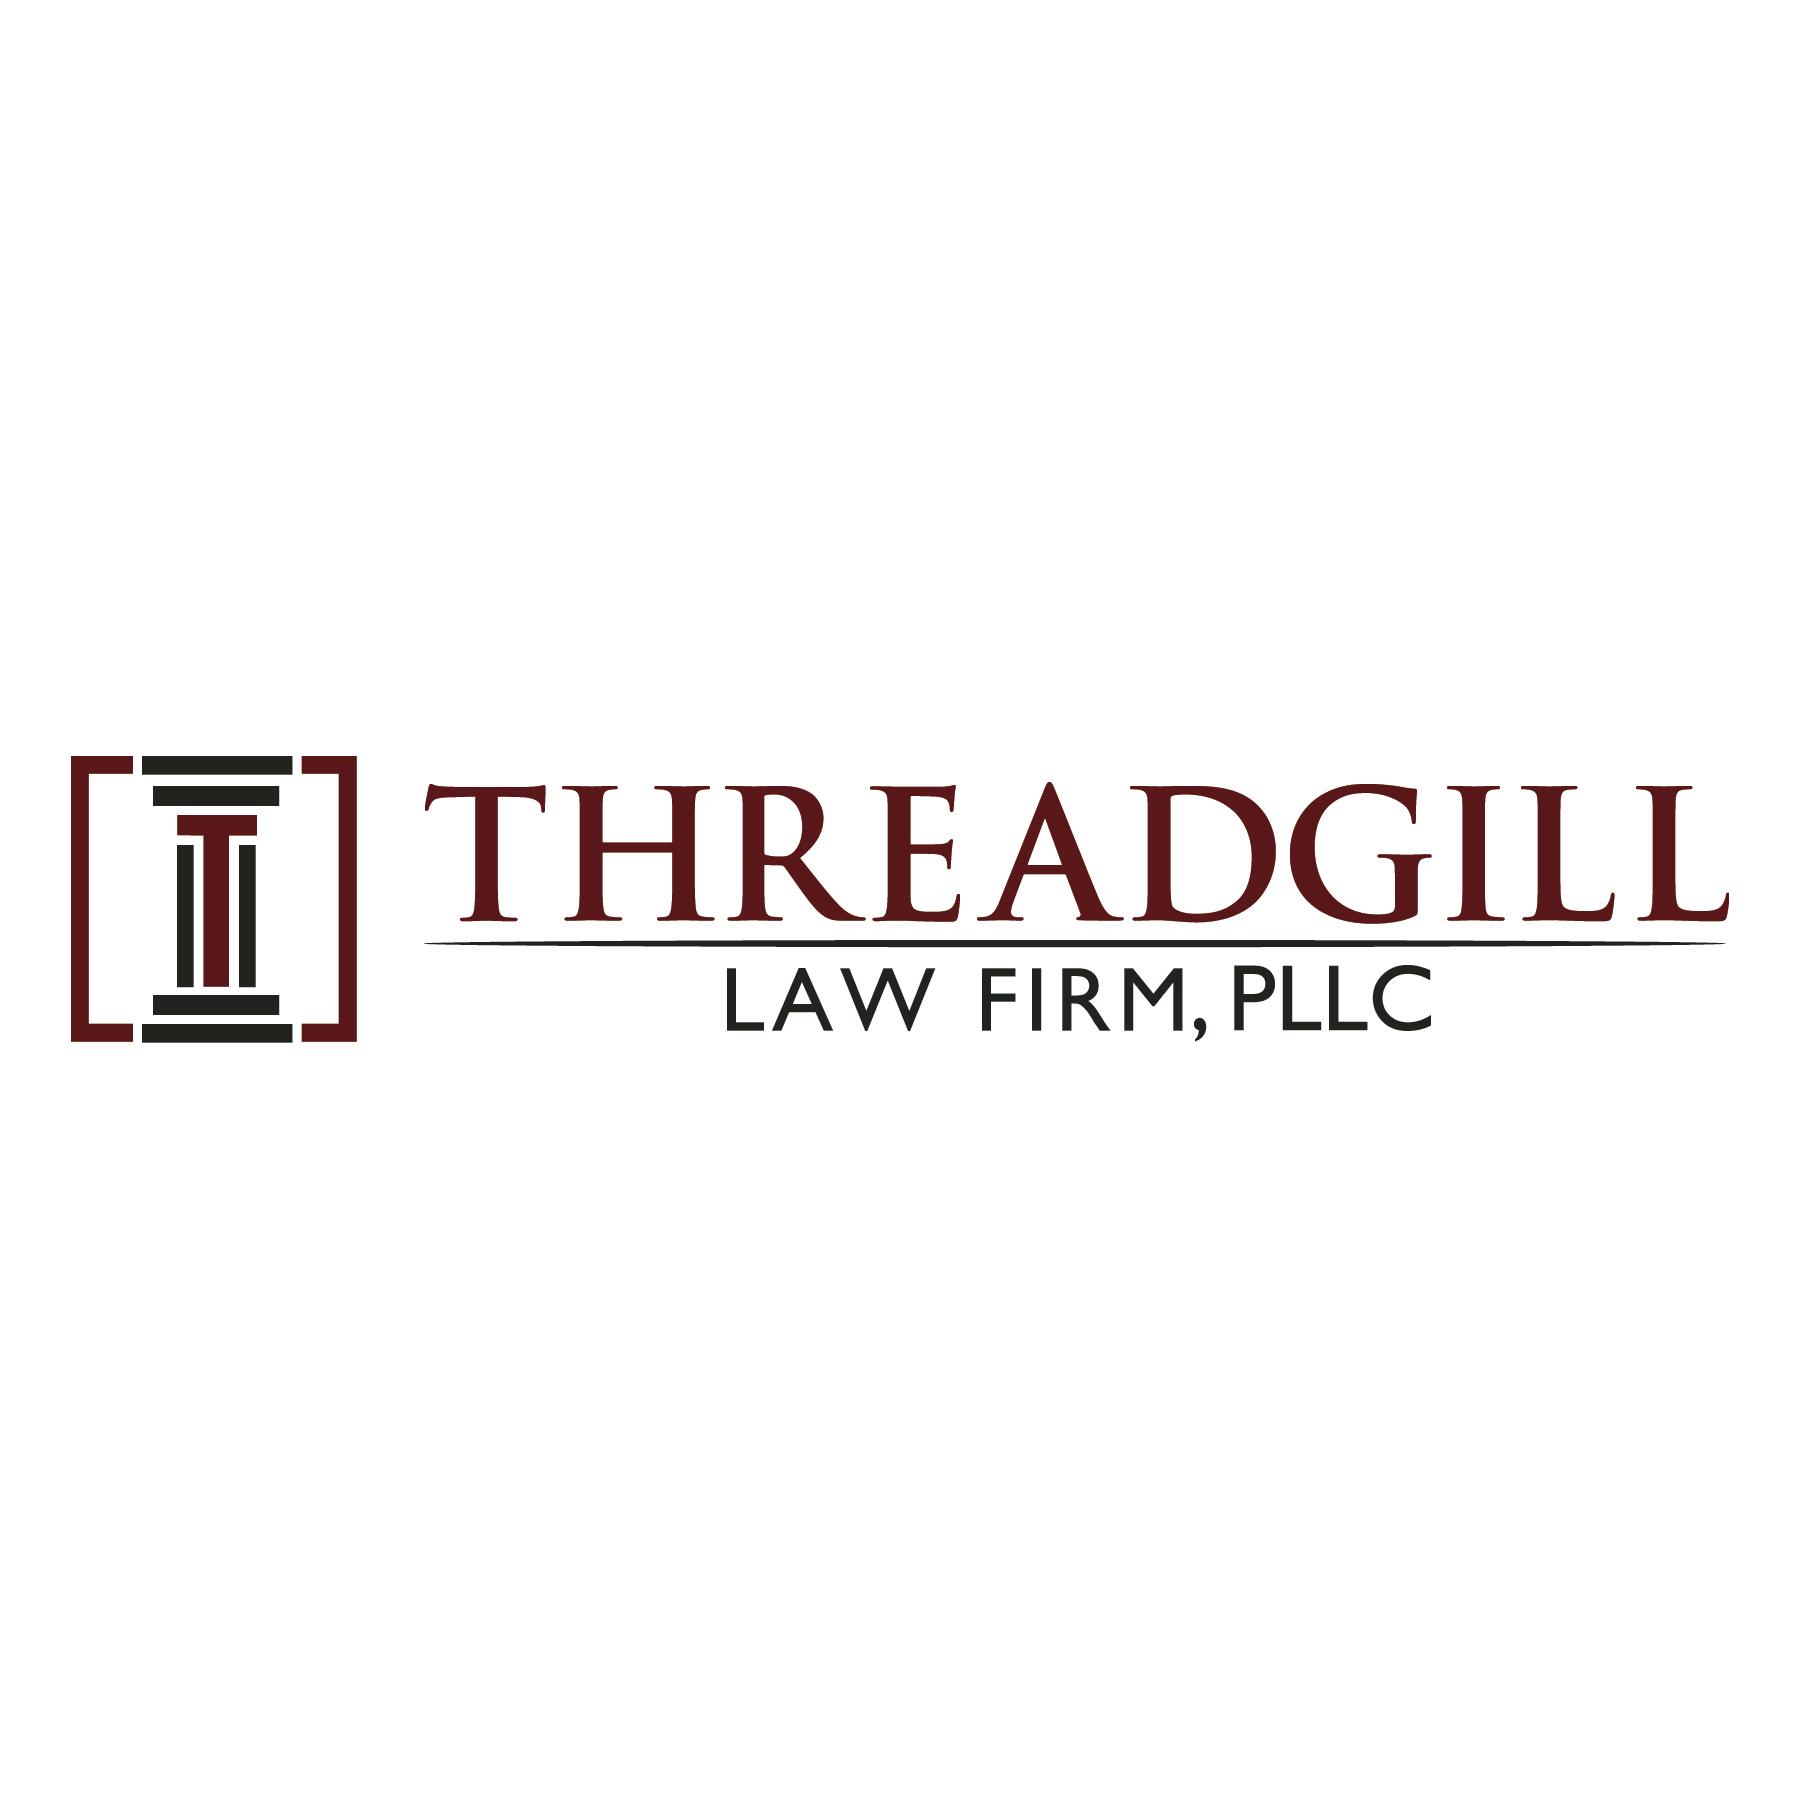 Threadgill Law Firm, PLLC - Midland, TX 79703 - (432)653-1396 | ShowMeLocal.com